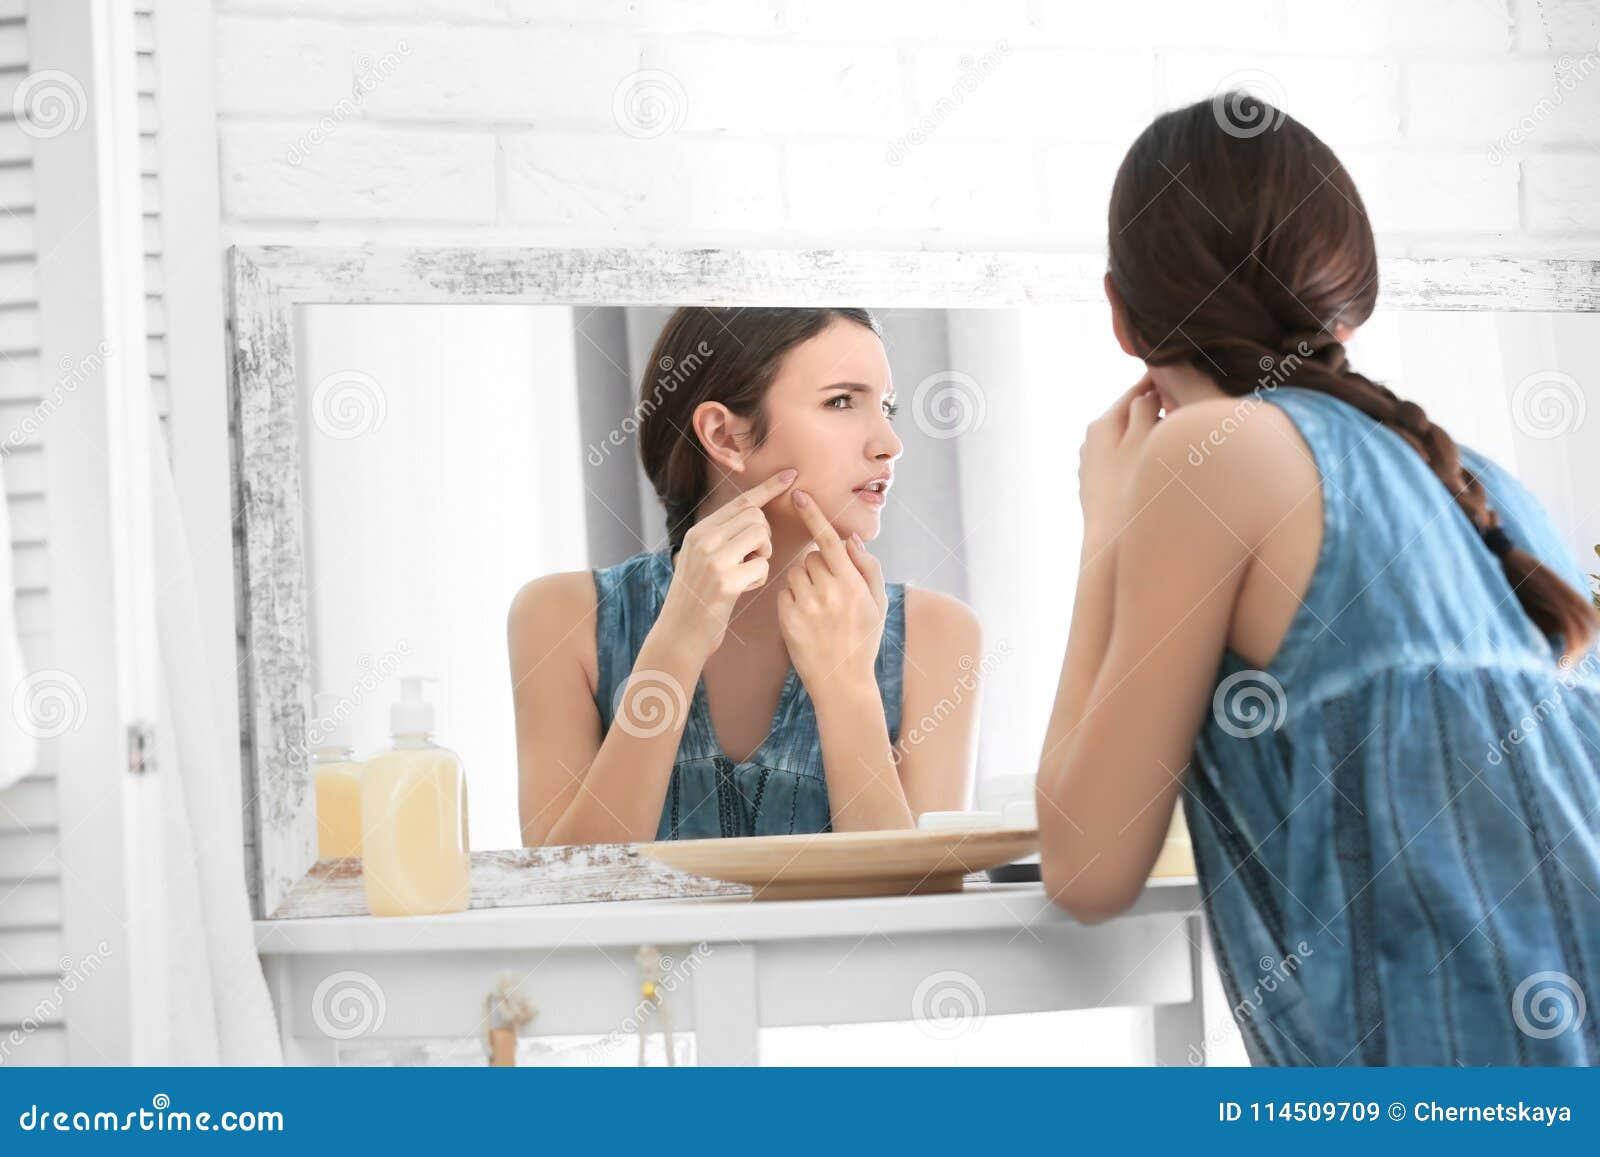 Adolescente com o problema da acne que olha no espelho